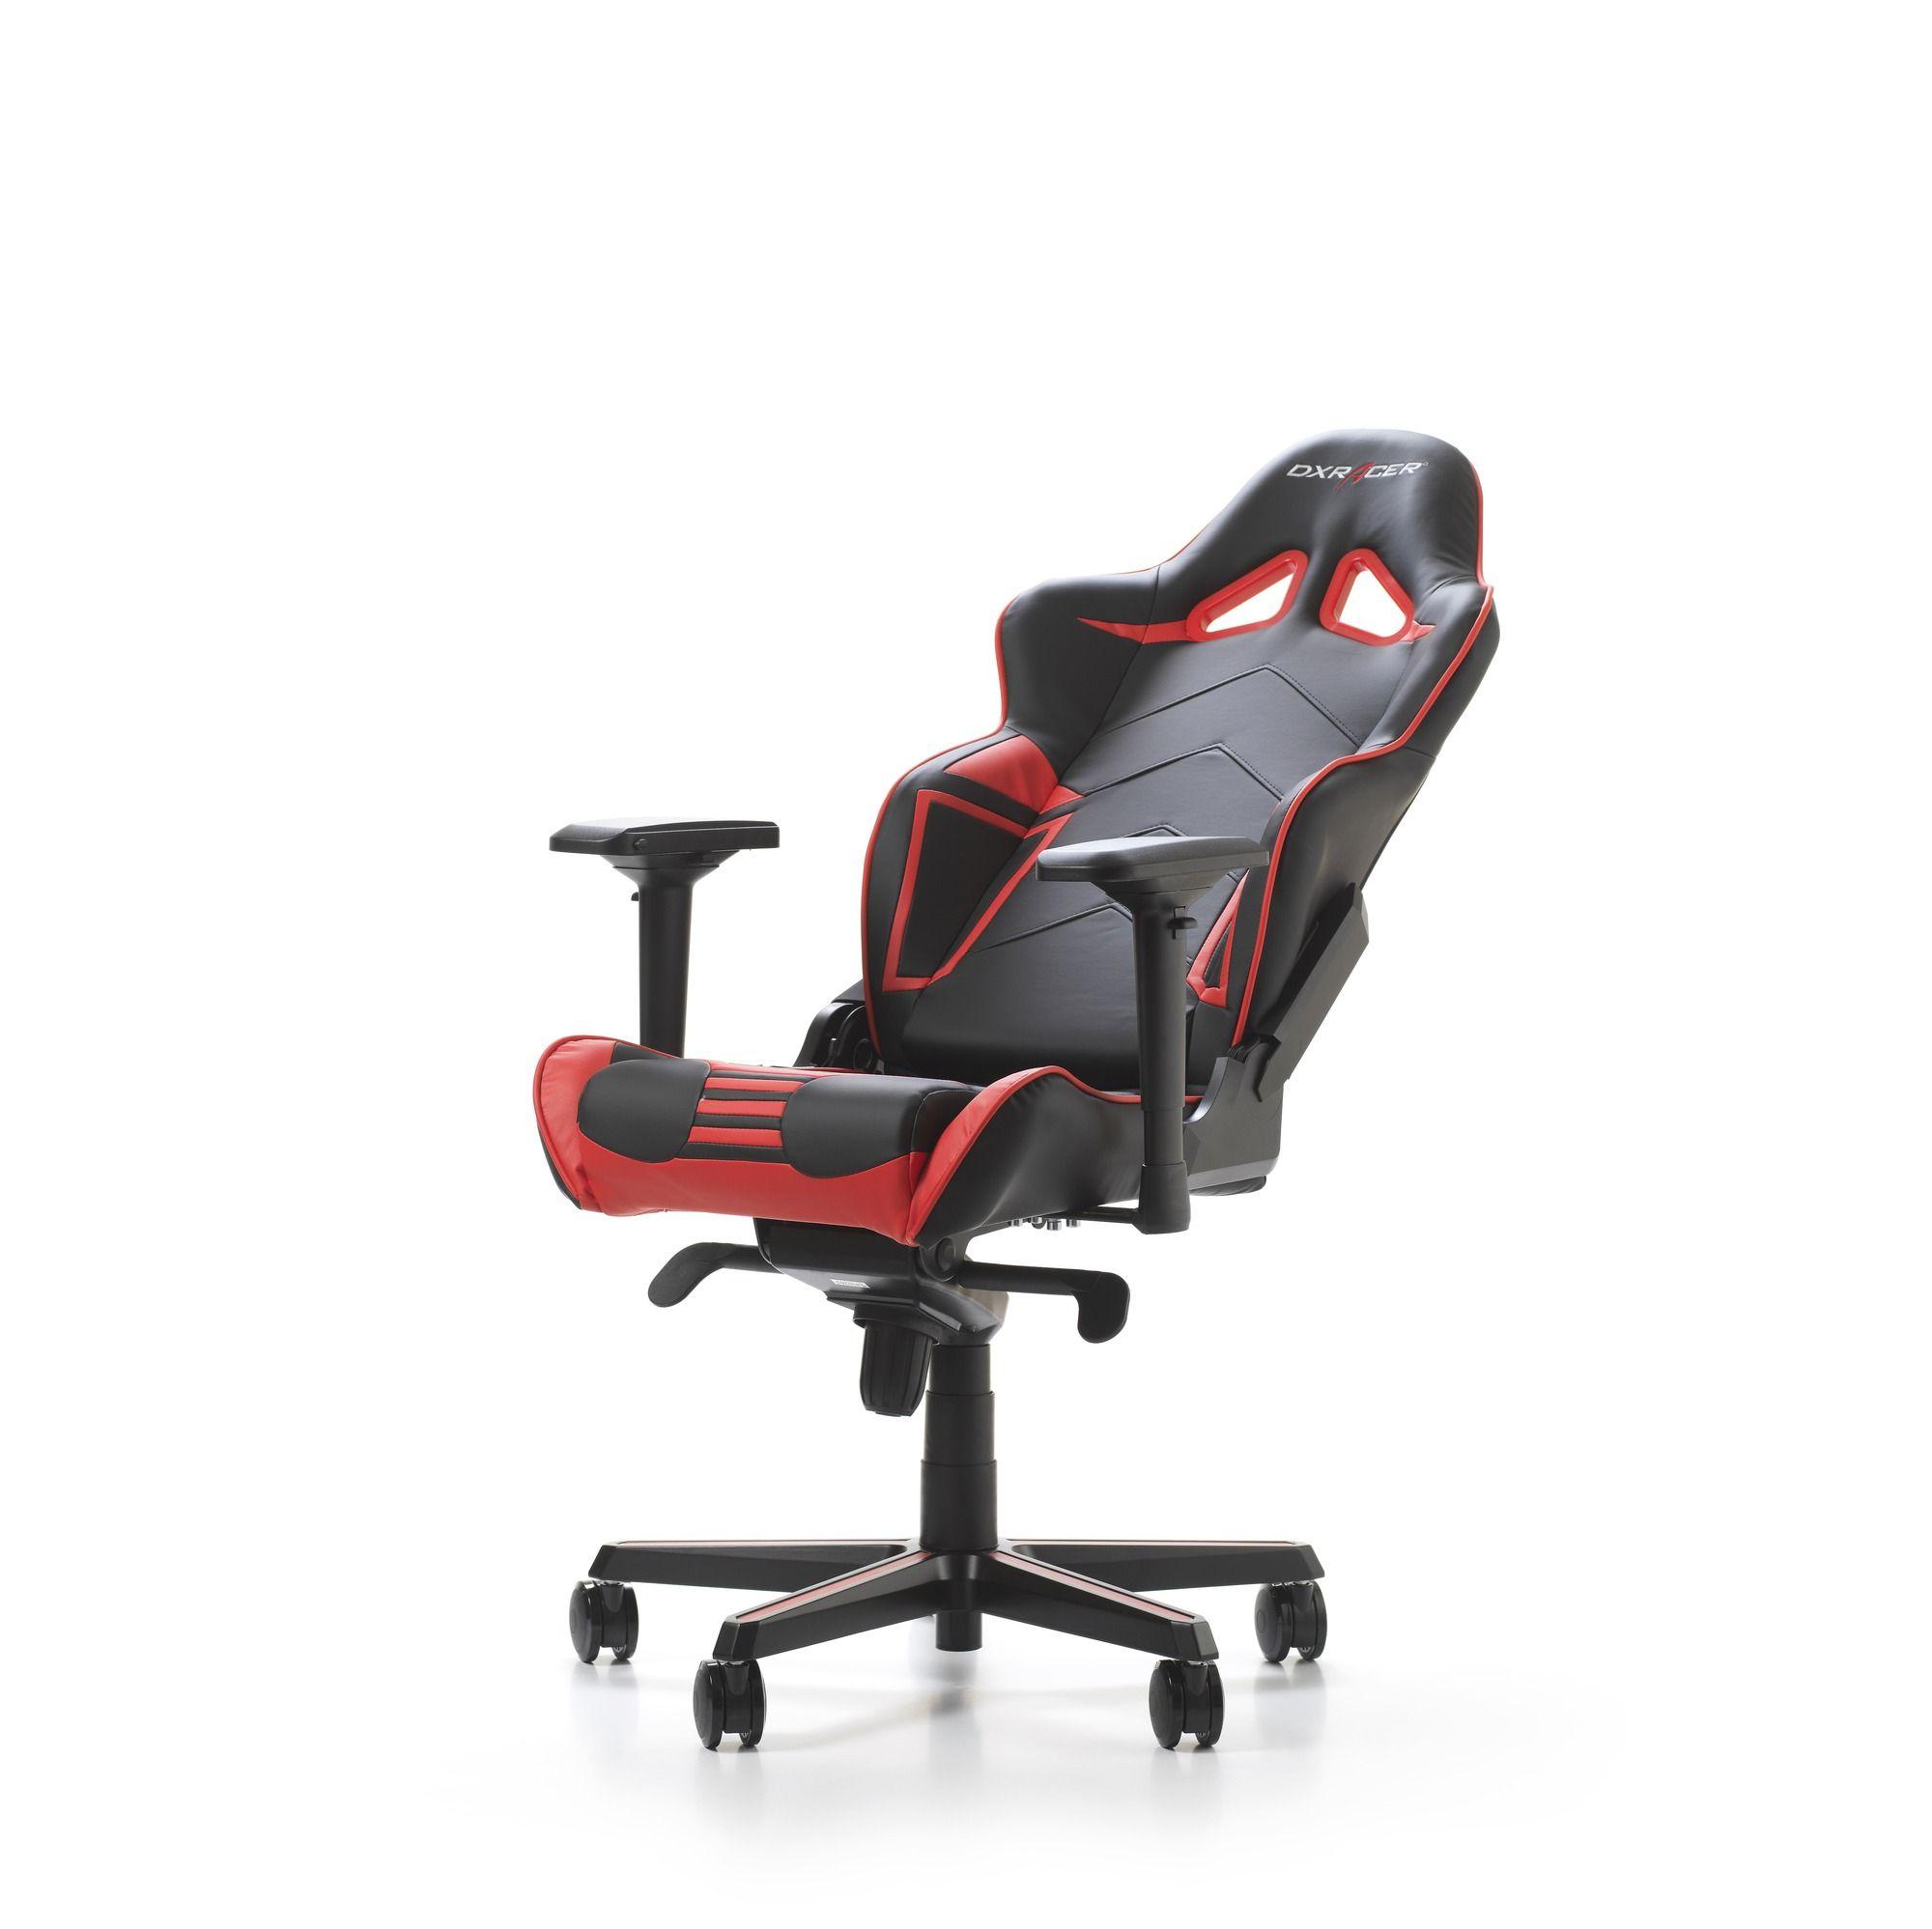 Гейминг стол DXRacer OH/RV131/NR - серия RACING V2, черен/червен - 6